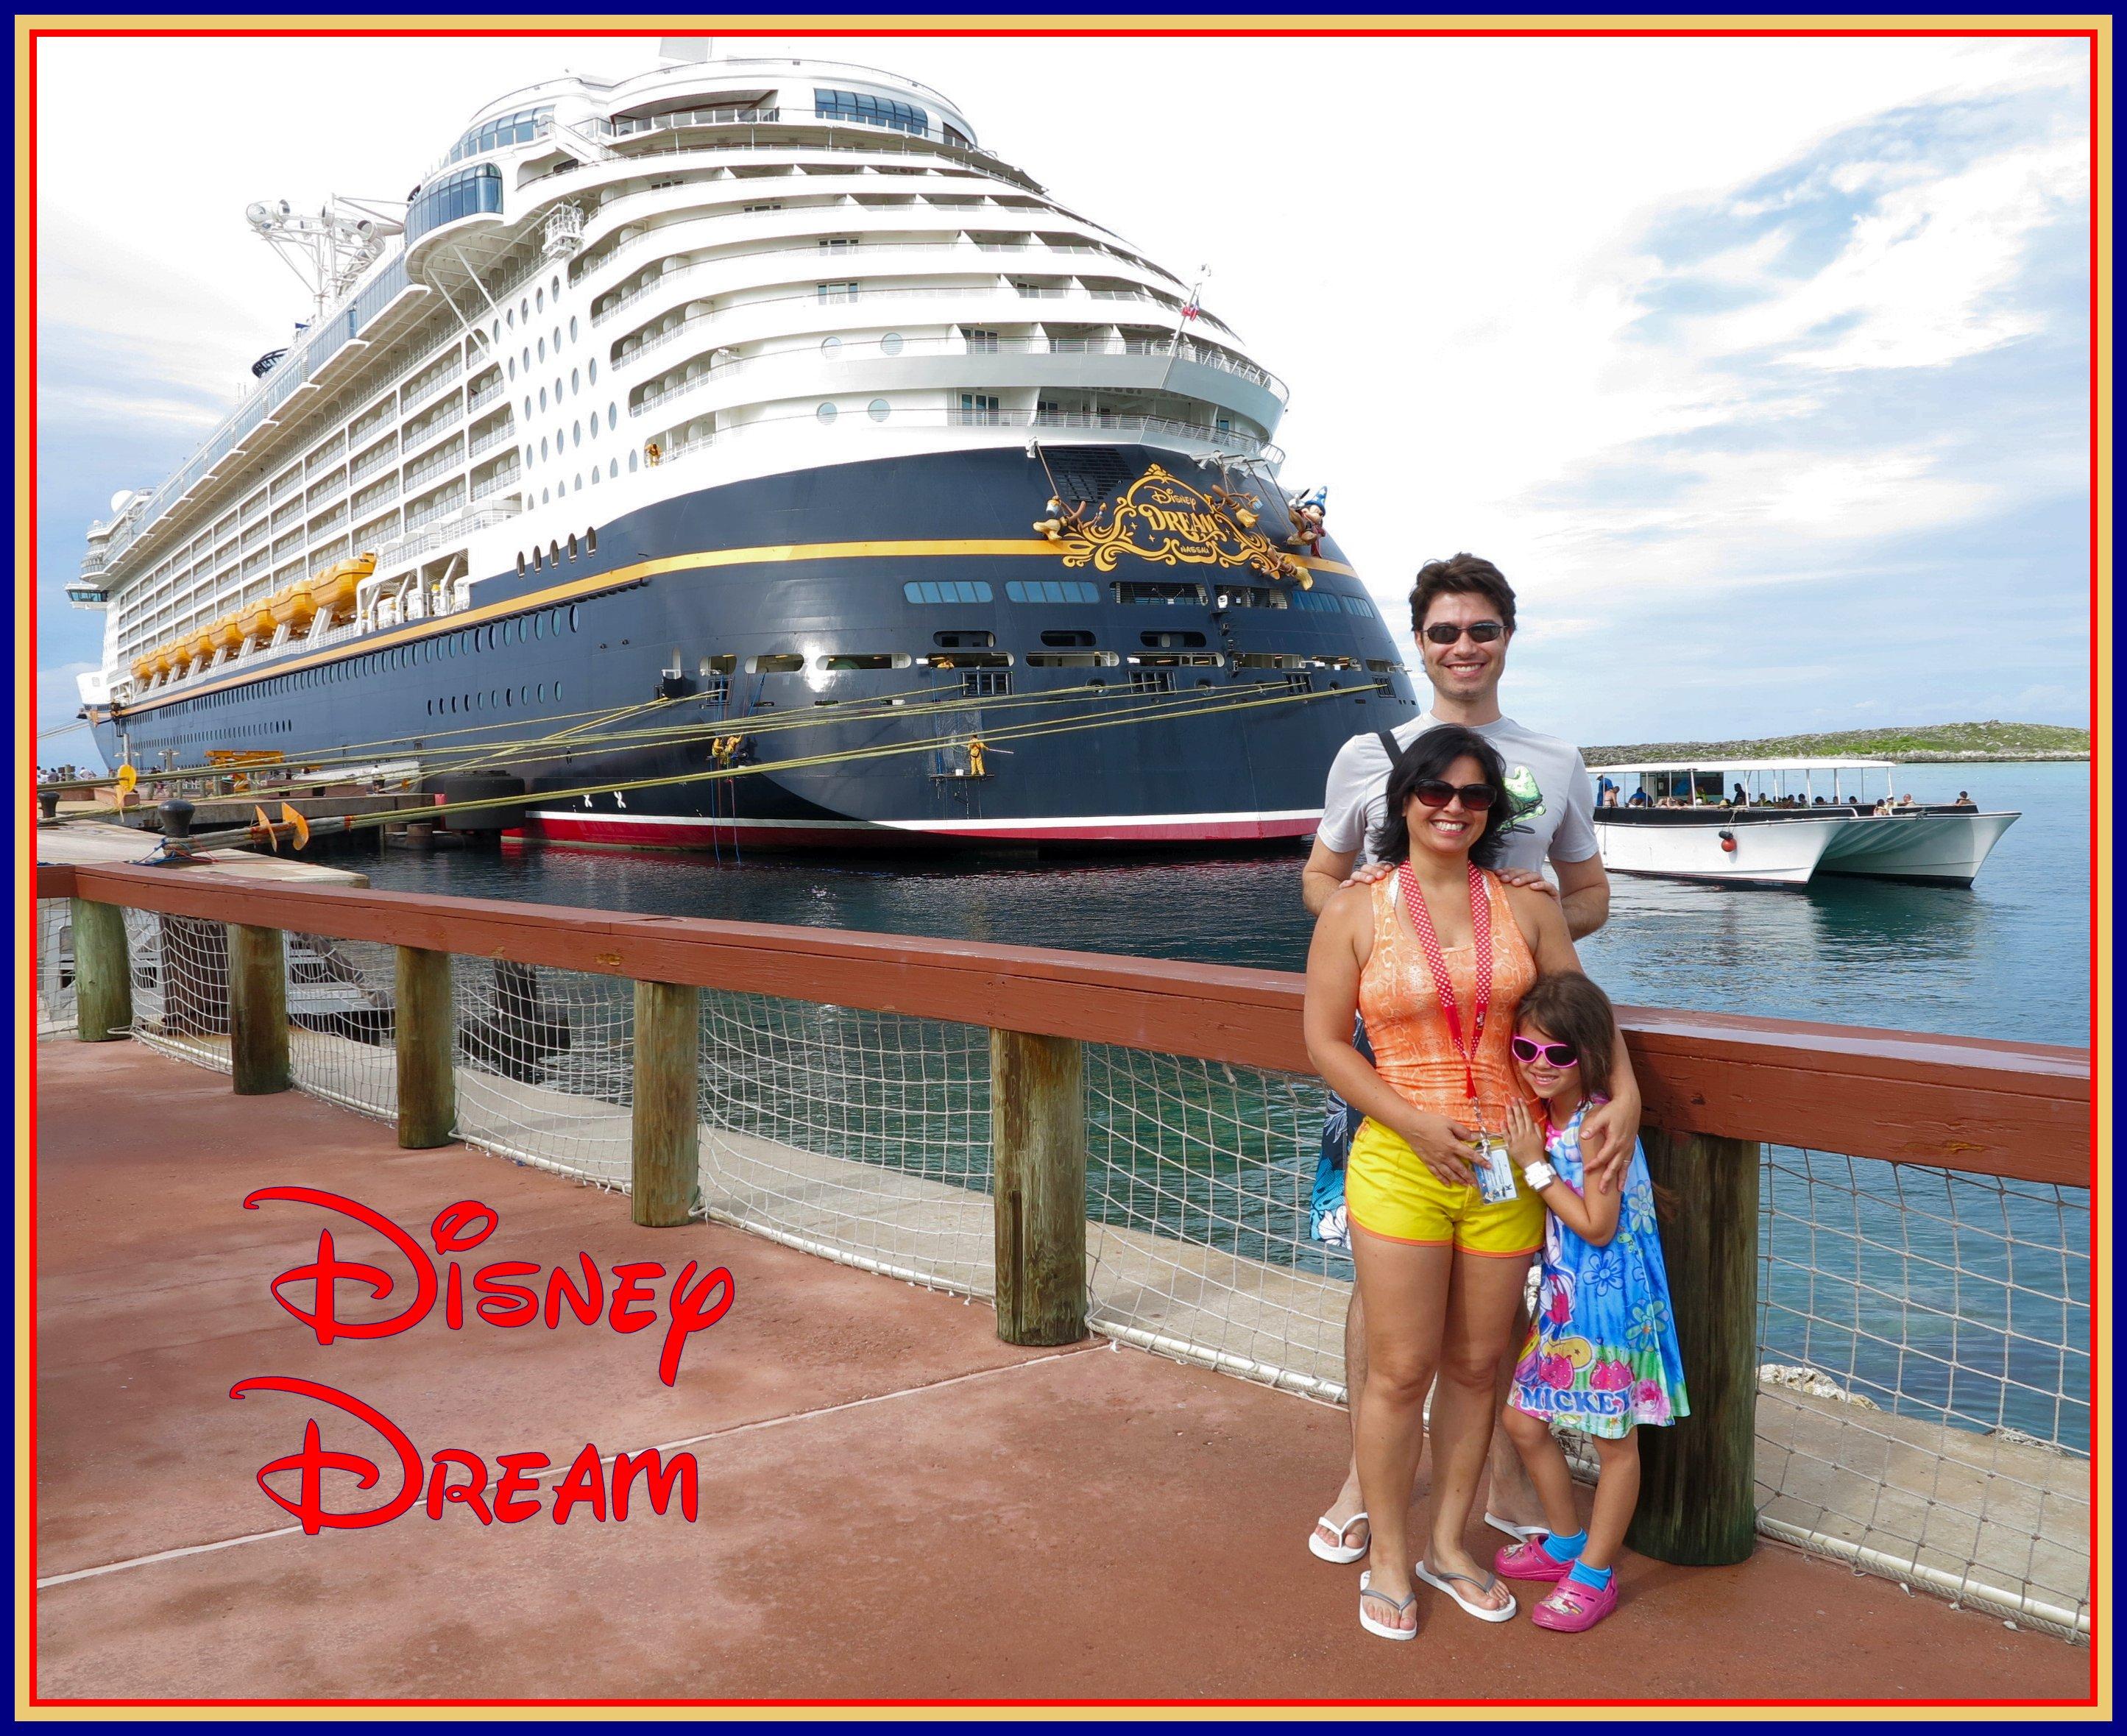 Cruzeiro pelas Bahamas, com magia Disney, no navio Disney Dream!